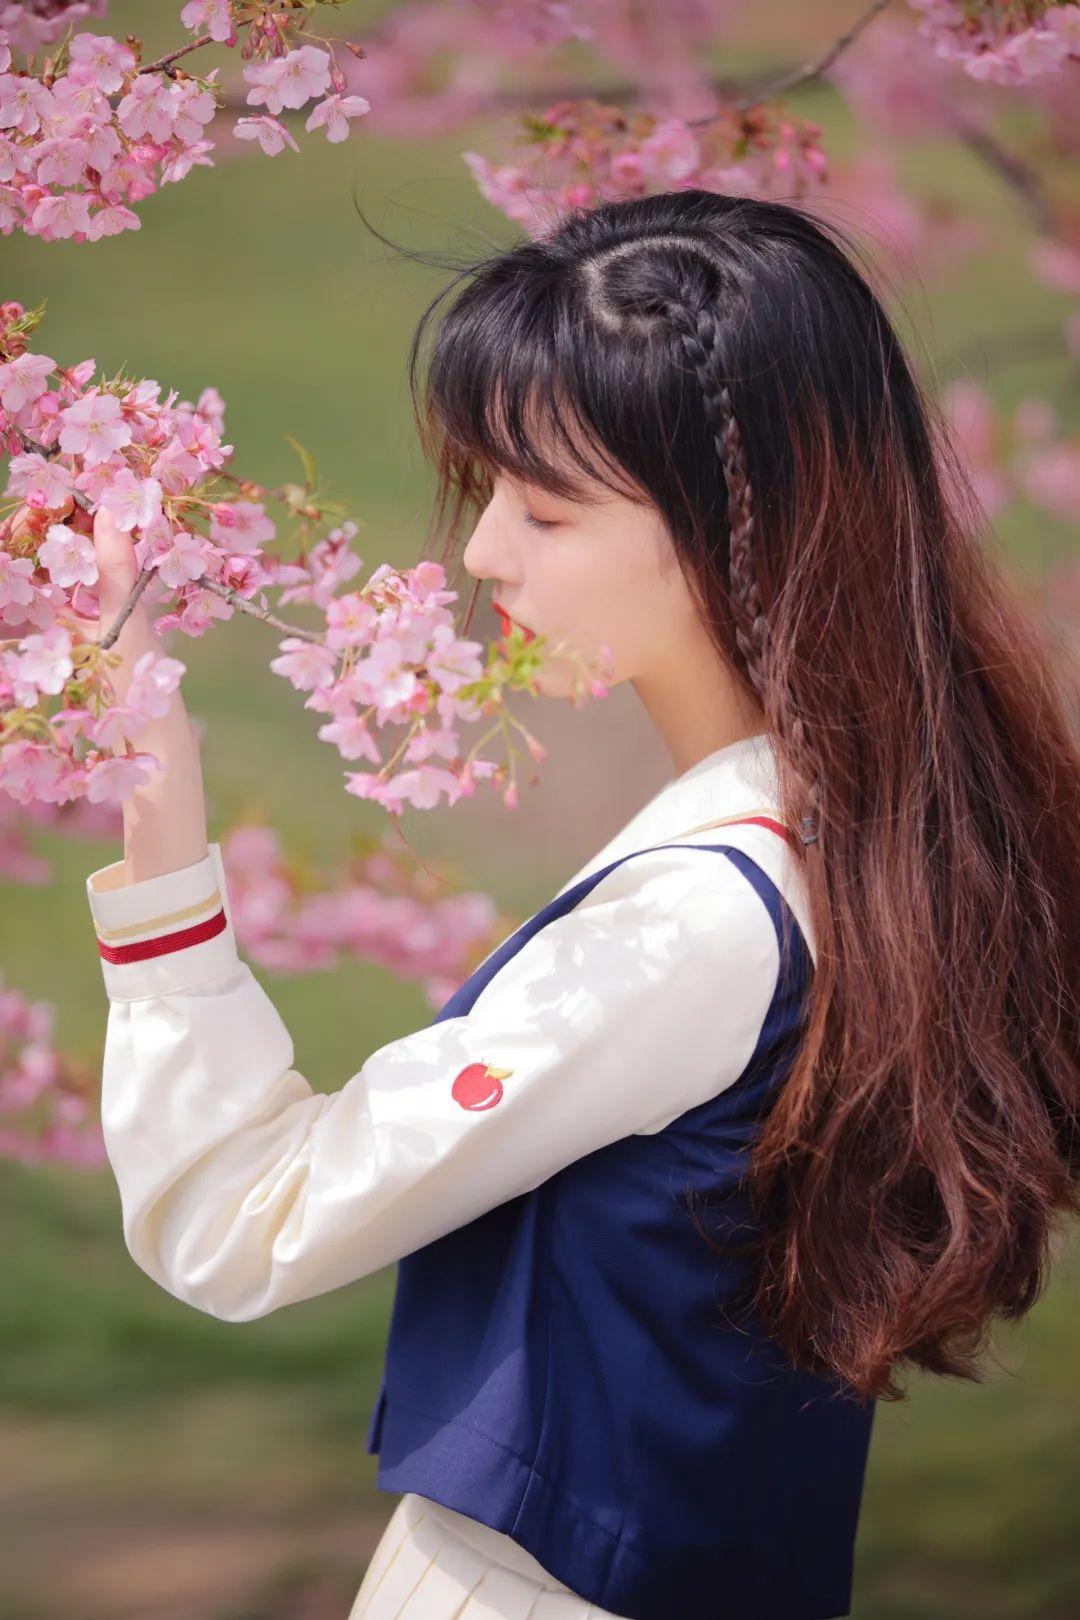 妹子摄影 – 粉粉的日系少女樱花树下写真_图片 No.35